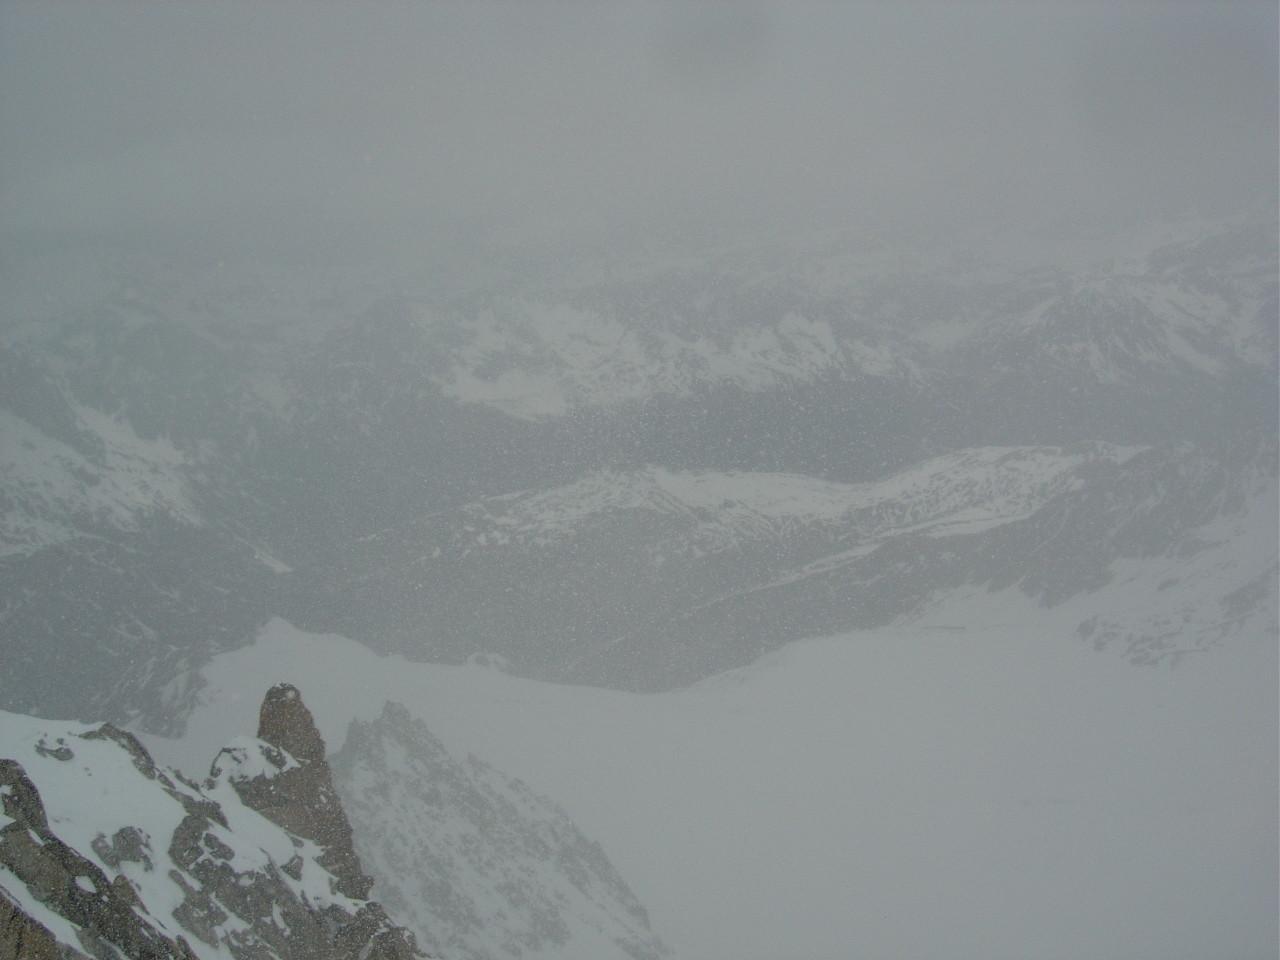 Purée sur le Tour et son glacier...